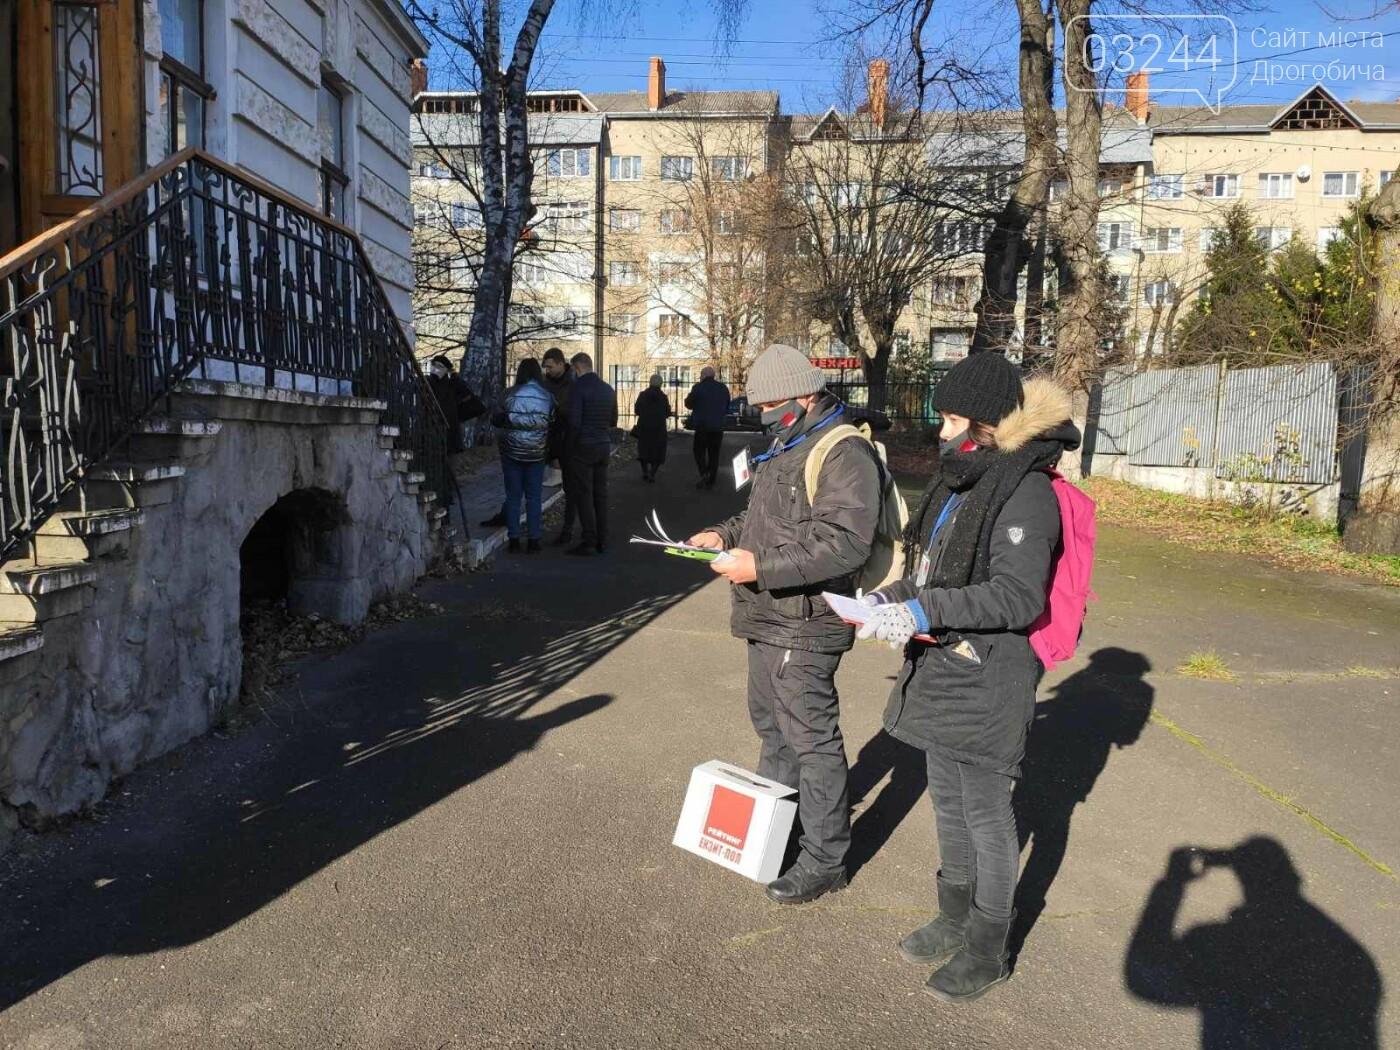 Соціологічна група «Рейтинг» вдруге у Дрогобичі проводить екзит-пол на виборах, - ФОТО, фото-4